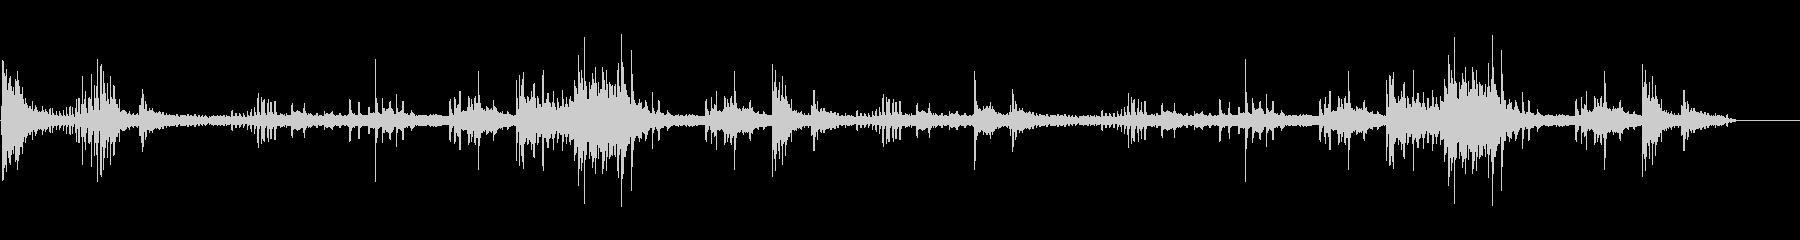 エスニックなFXサウンド02の未再生の波形